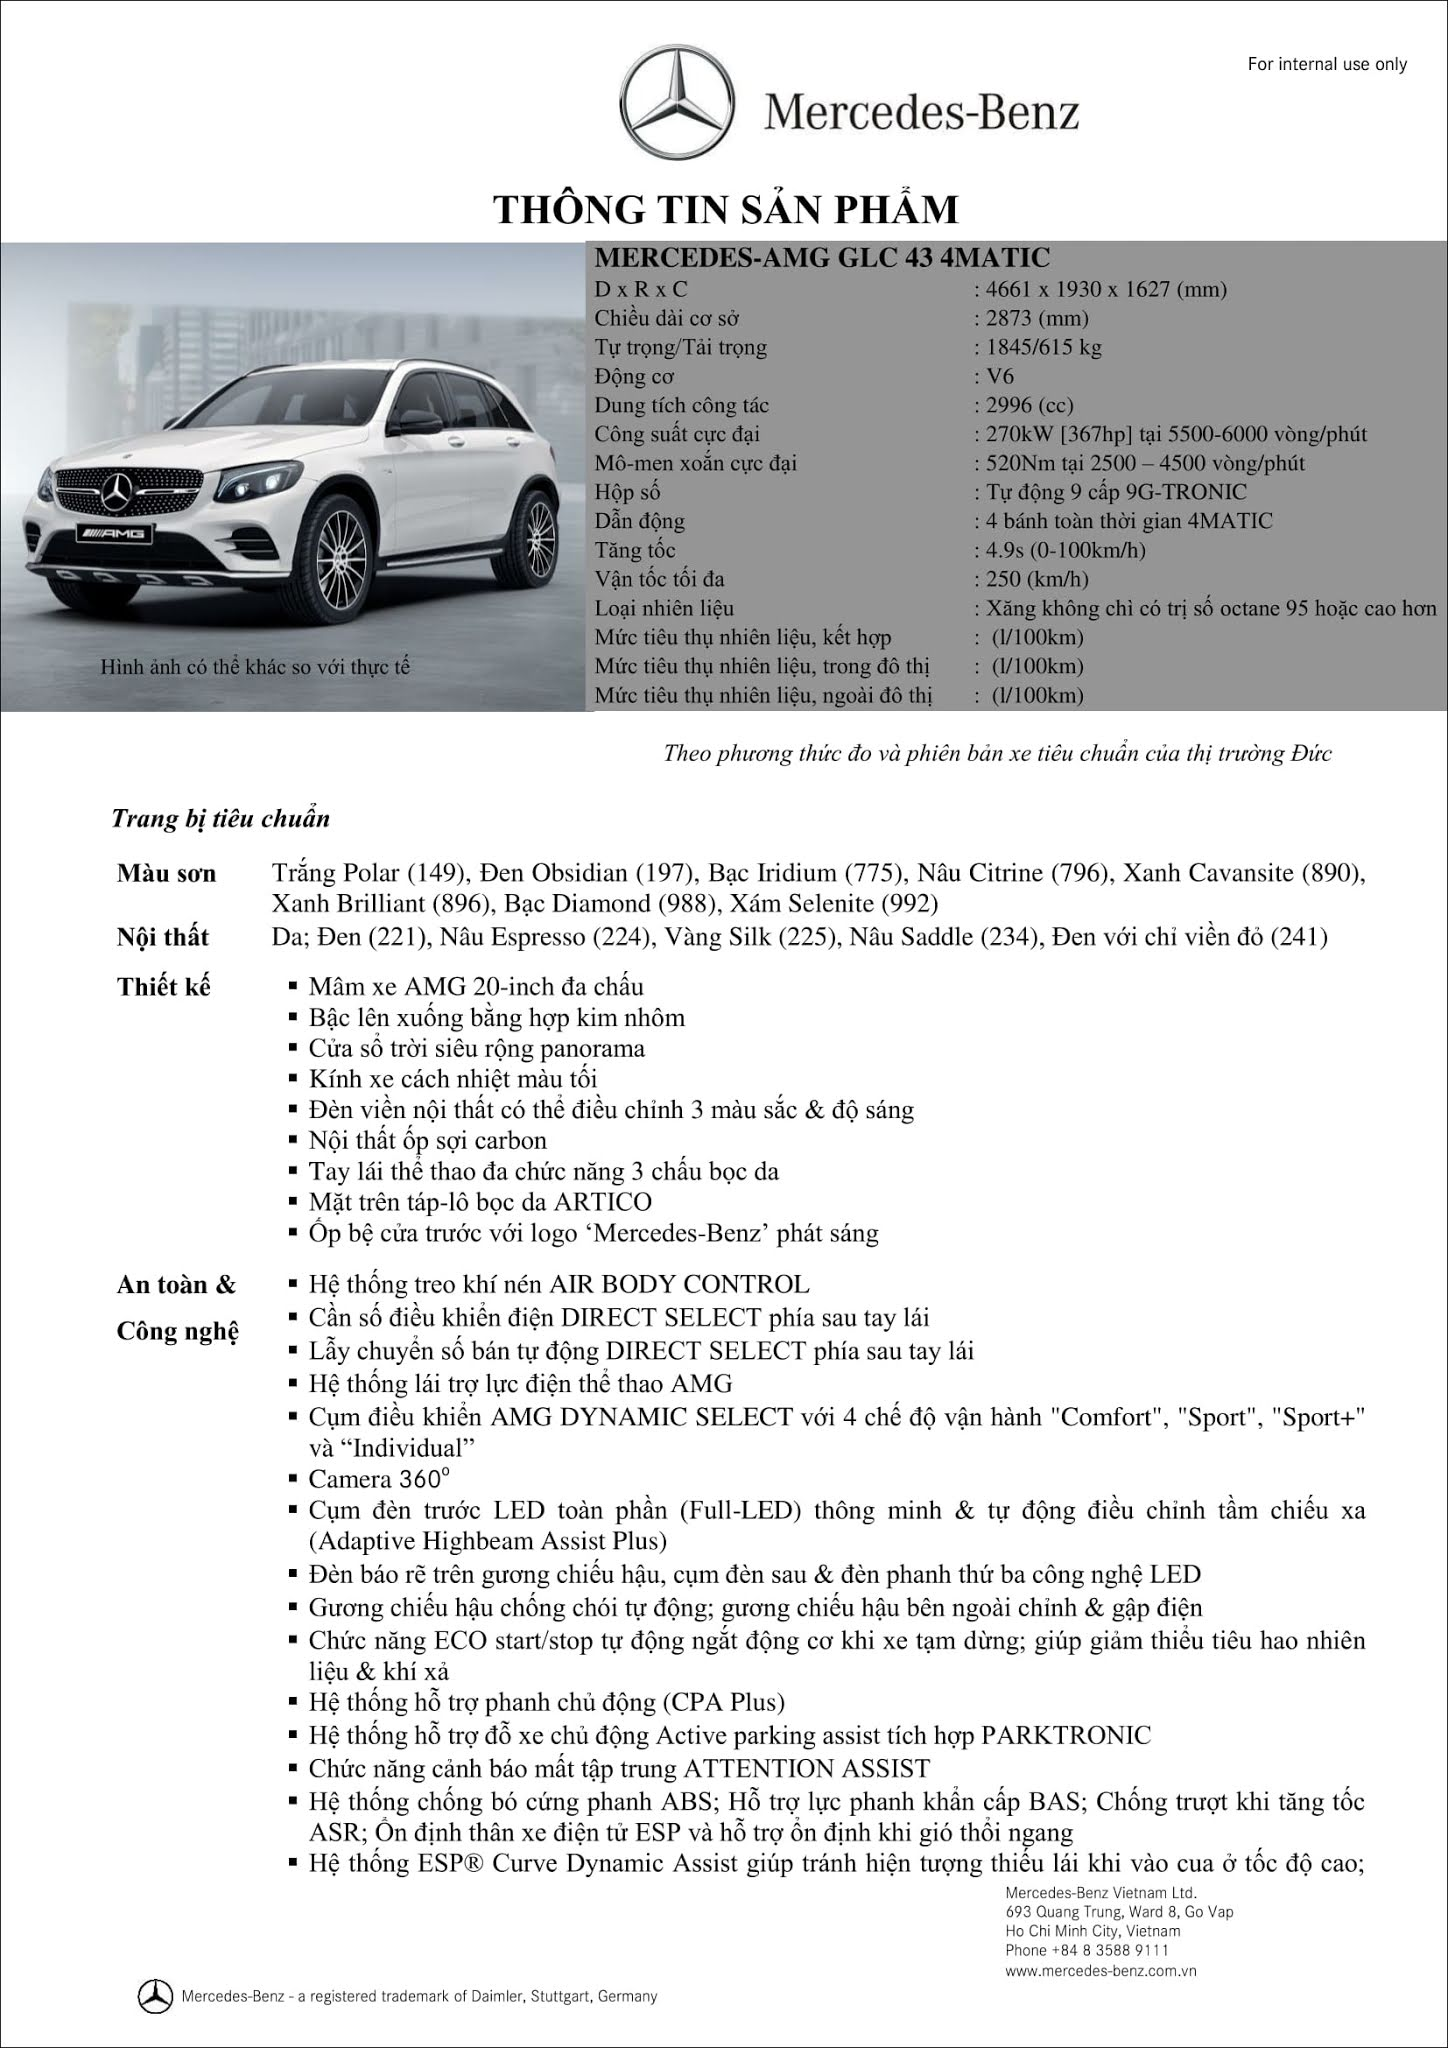 Bảng thông số kỹ thuật Mercedes AMG GLC 43 4MATIC 2019 tại Mercedes Trường Chinh